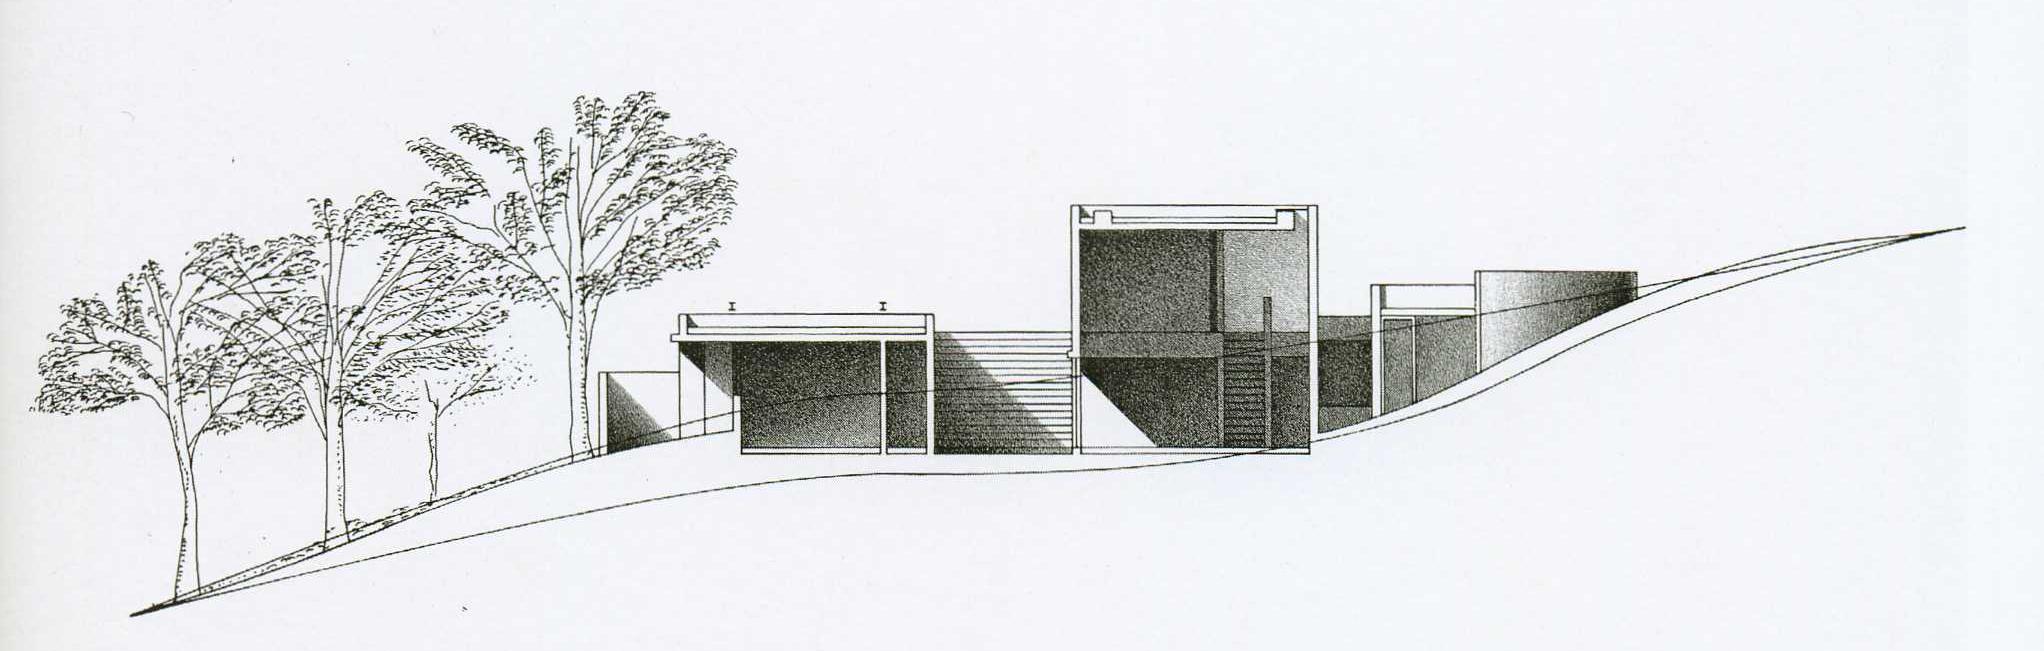 Tadao Ando  Ulb  FA  BA1